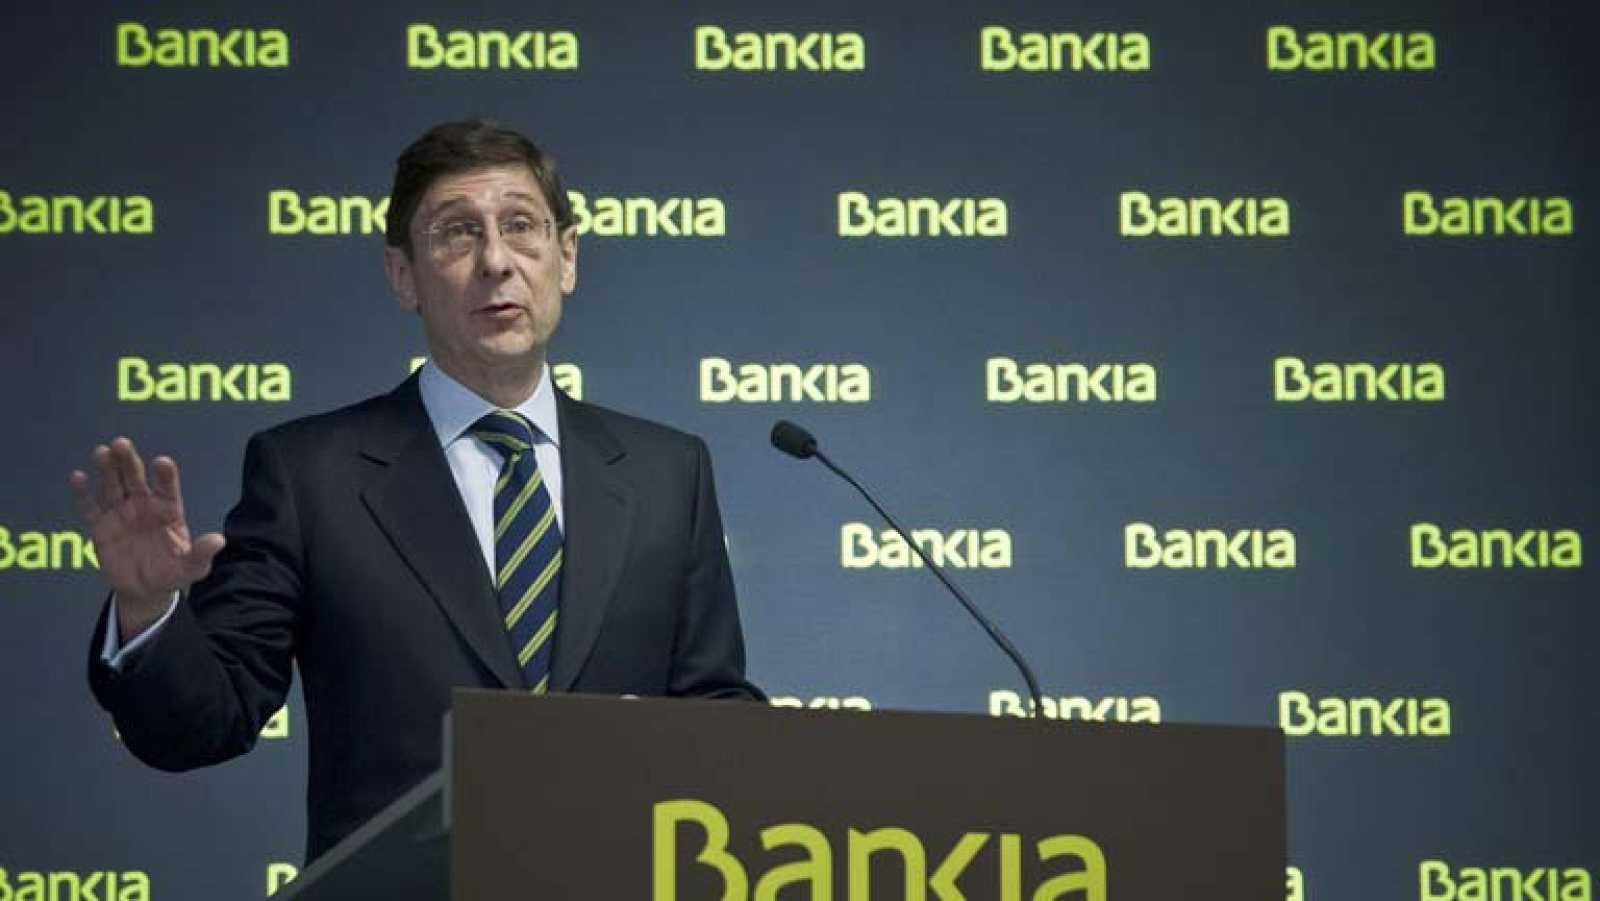 El grupo BFA-Bankia ganó el año pasado 818 millones